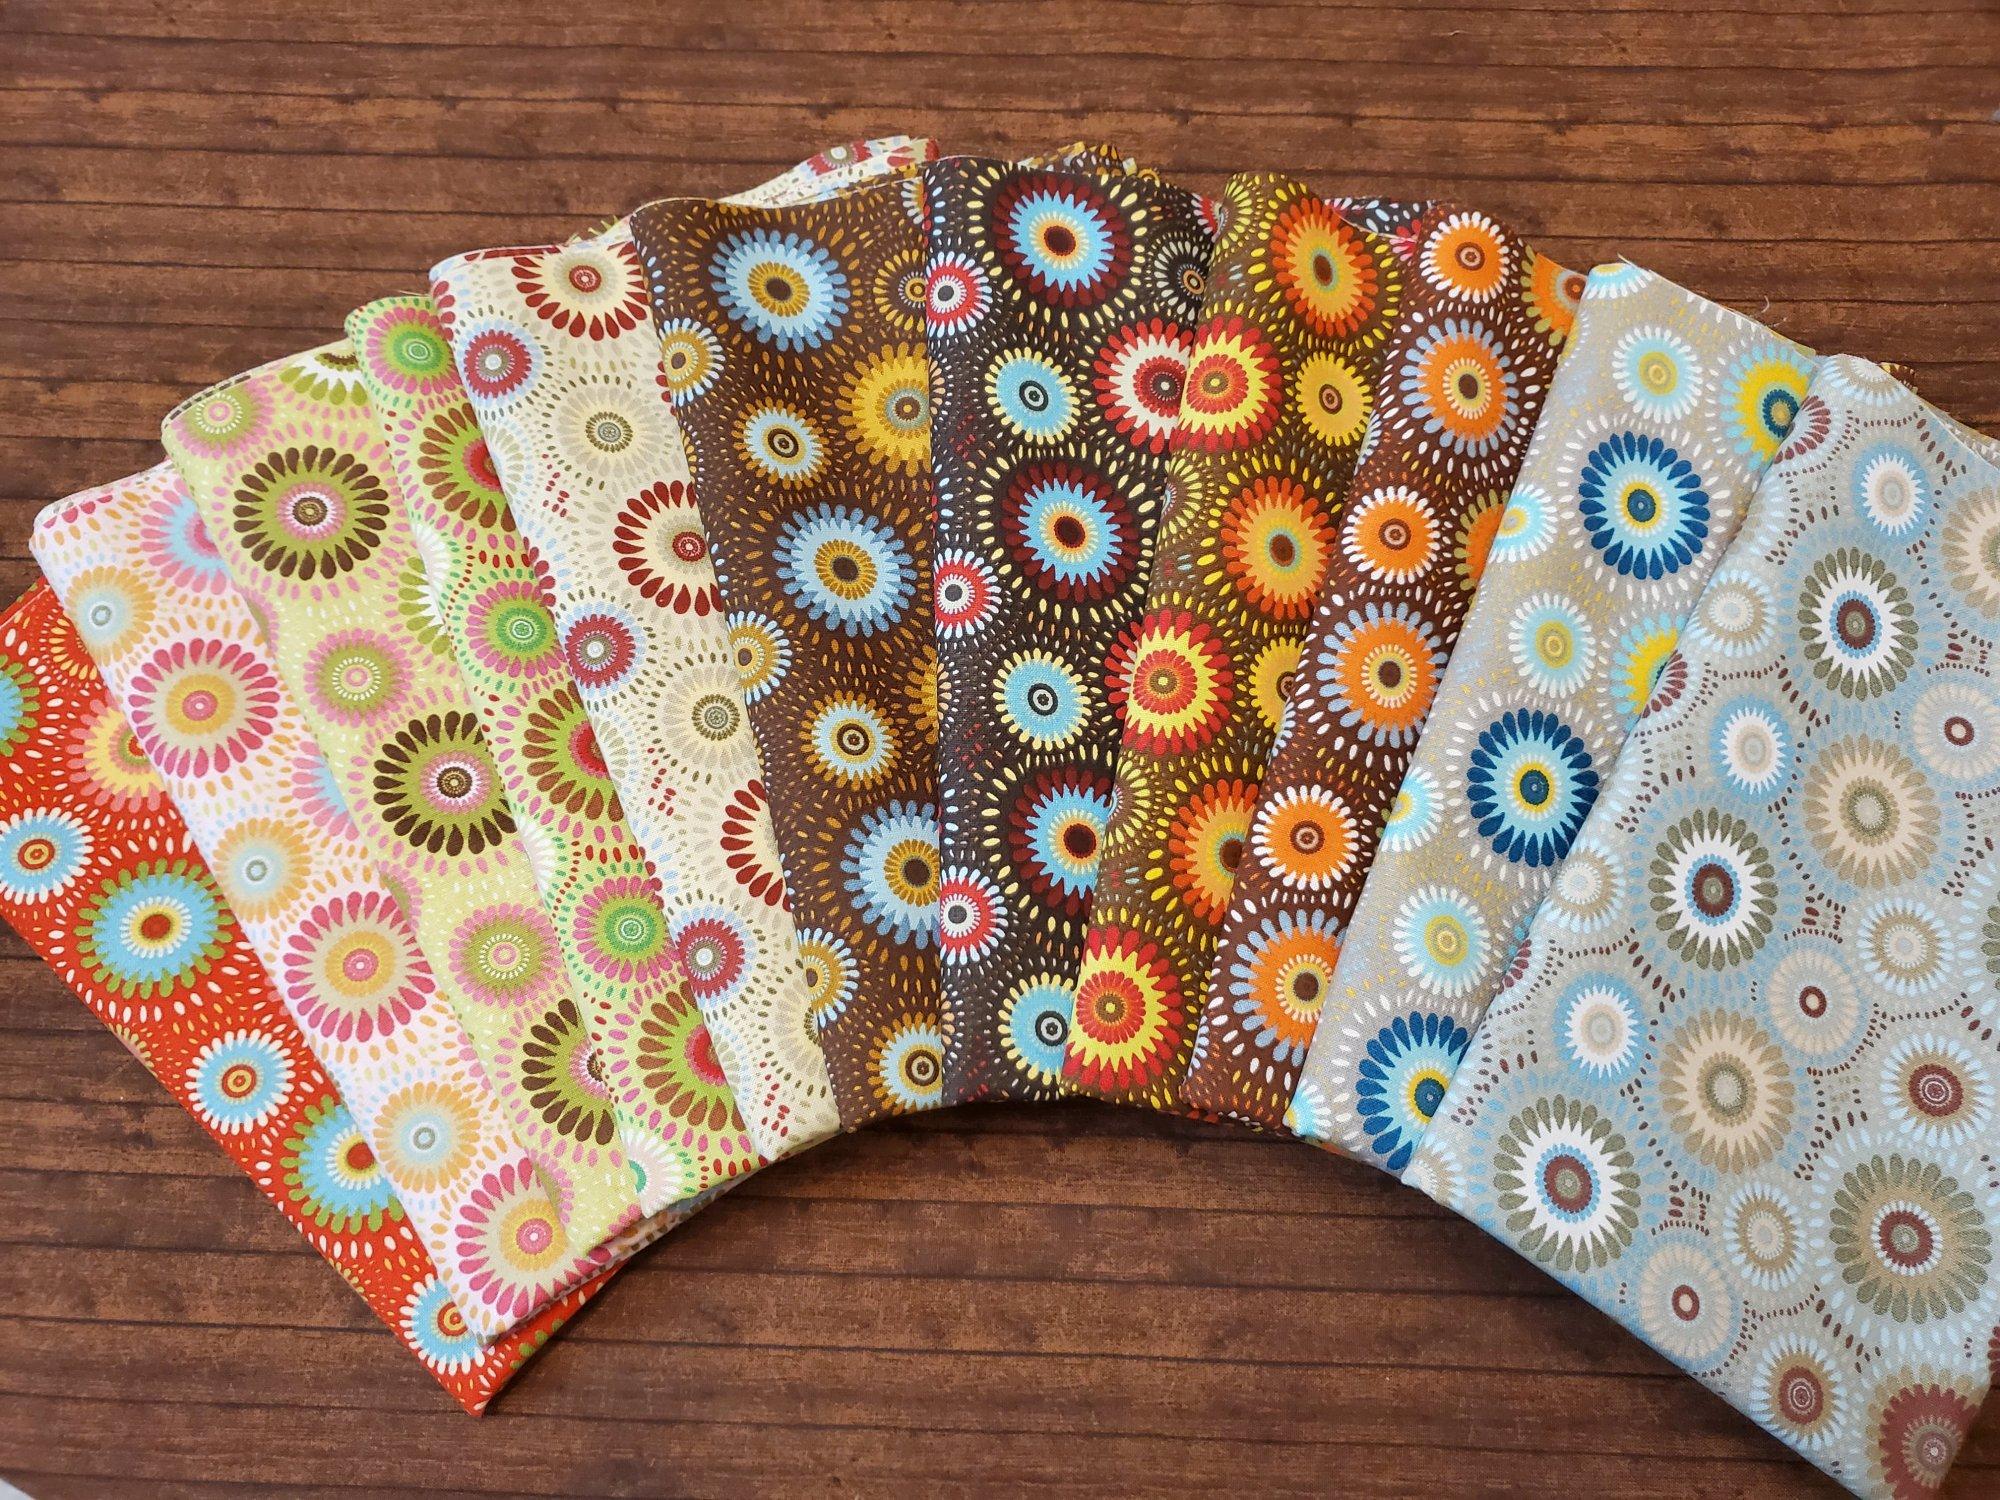 Colors Exploding - Rachael's Picks - 11 Piece Half Yard Bundle